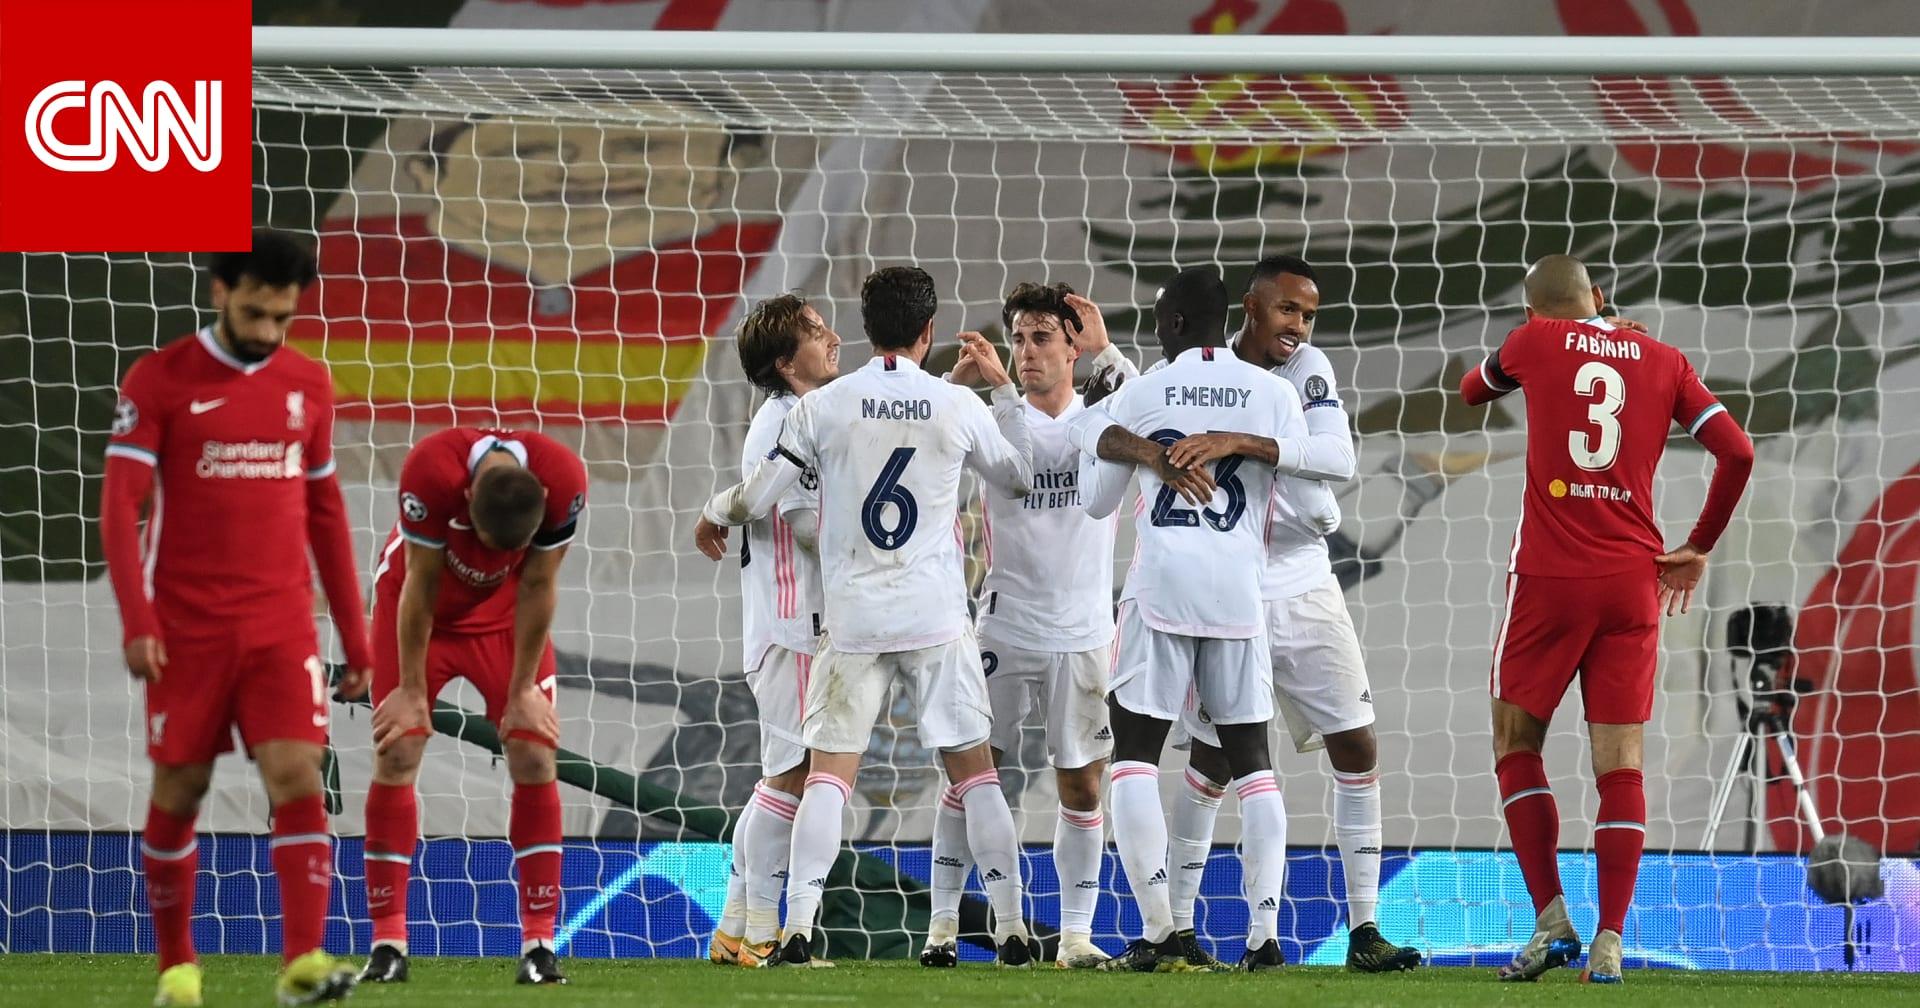 ريال مدريد يطيح بليفربول عبر التعادل السلبي.. ويتأهل لنصف نهائي دوري أبطال أوروبا